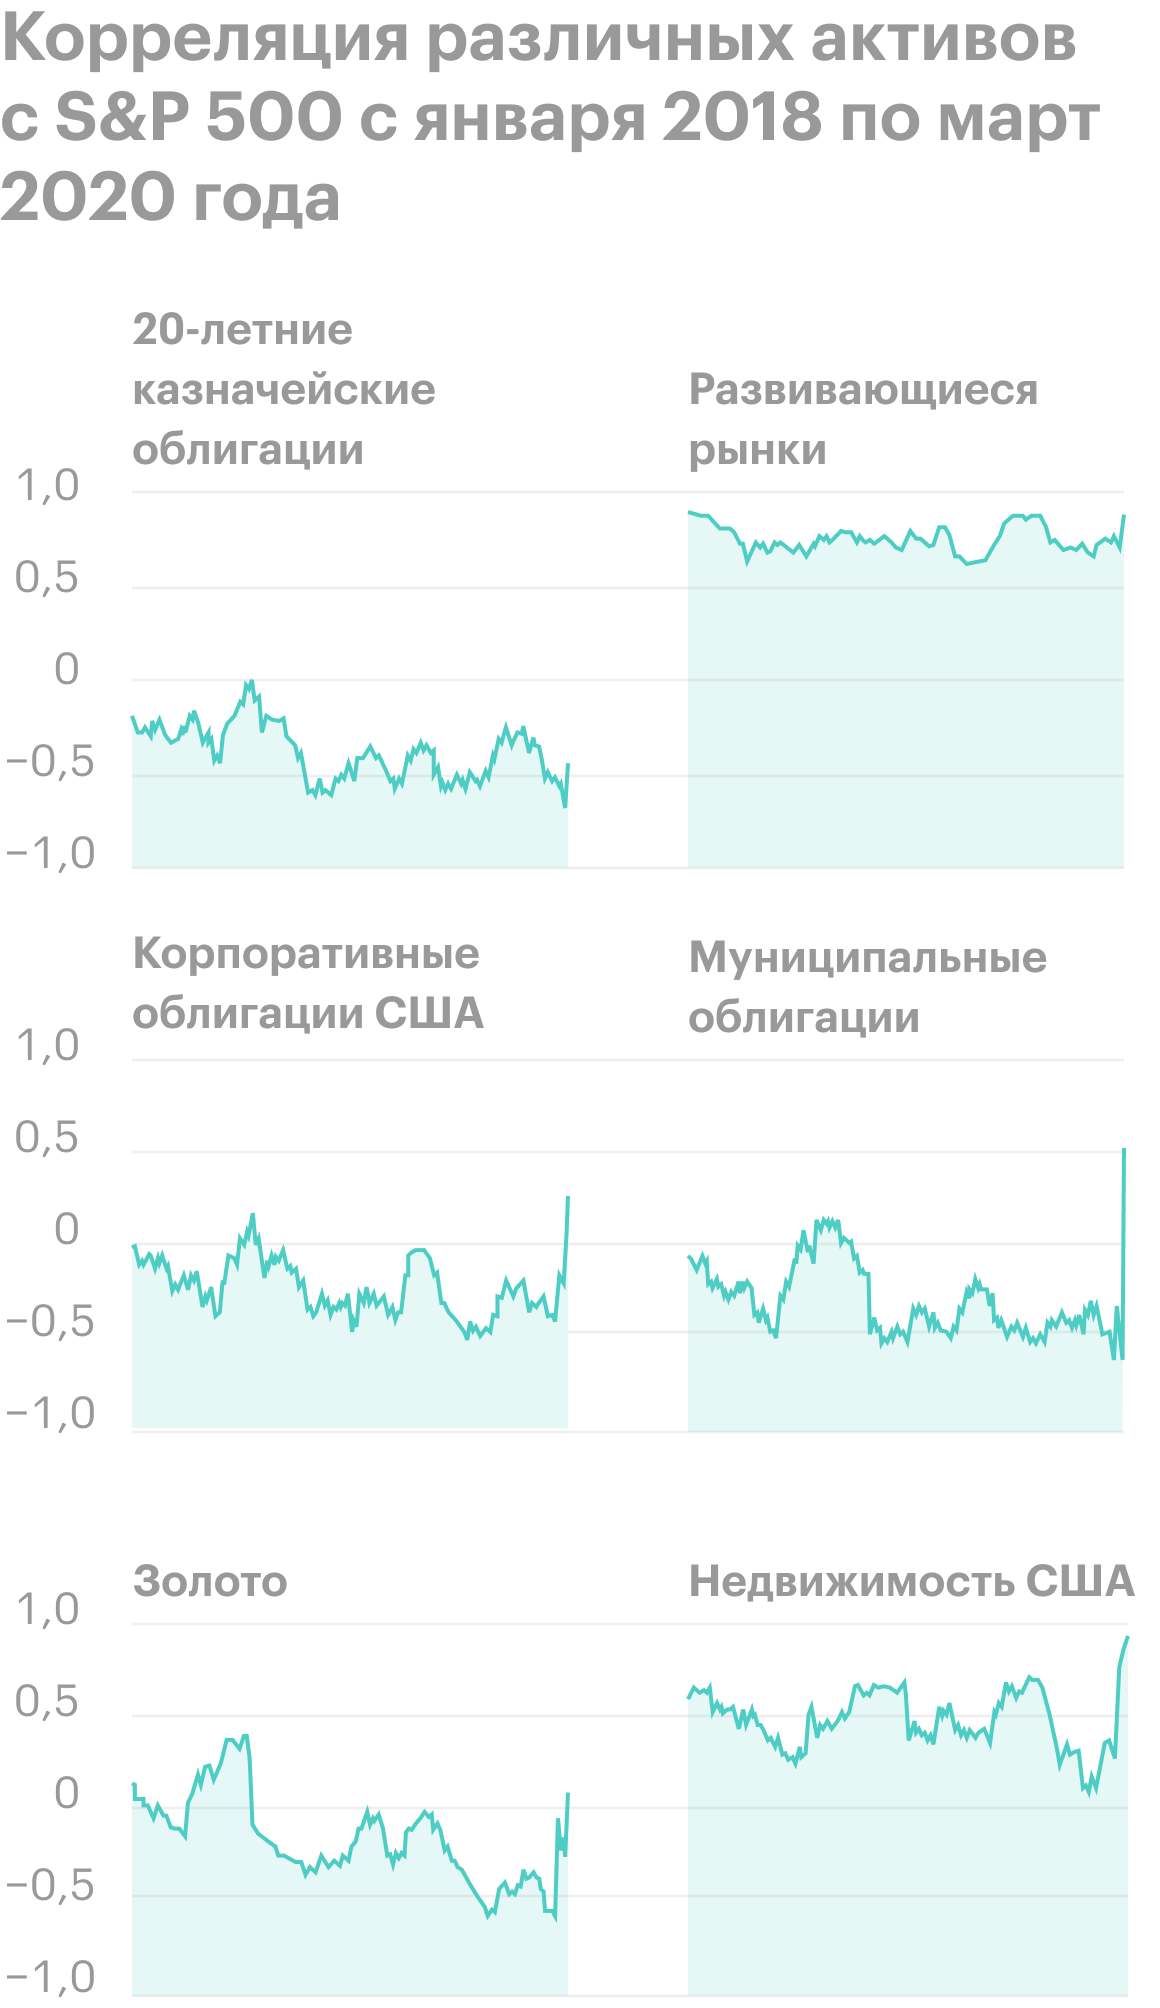 Во время медвежьего рынка 2020года наблюдался всплеск корреляций среди всех типов активов по отношению к S&P; 500. Источник: Marker